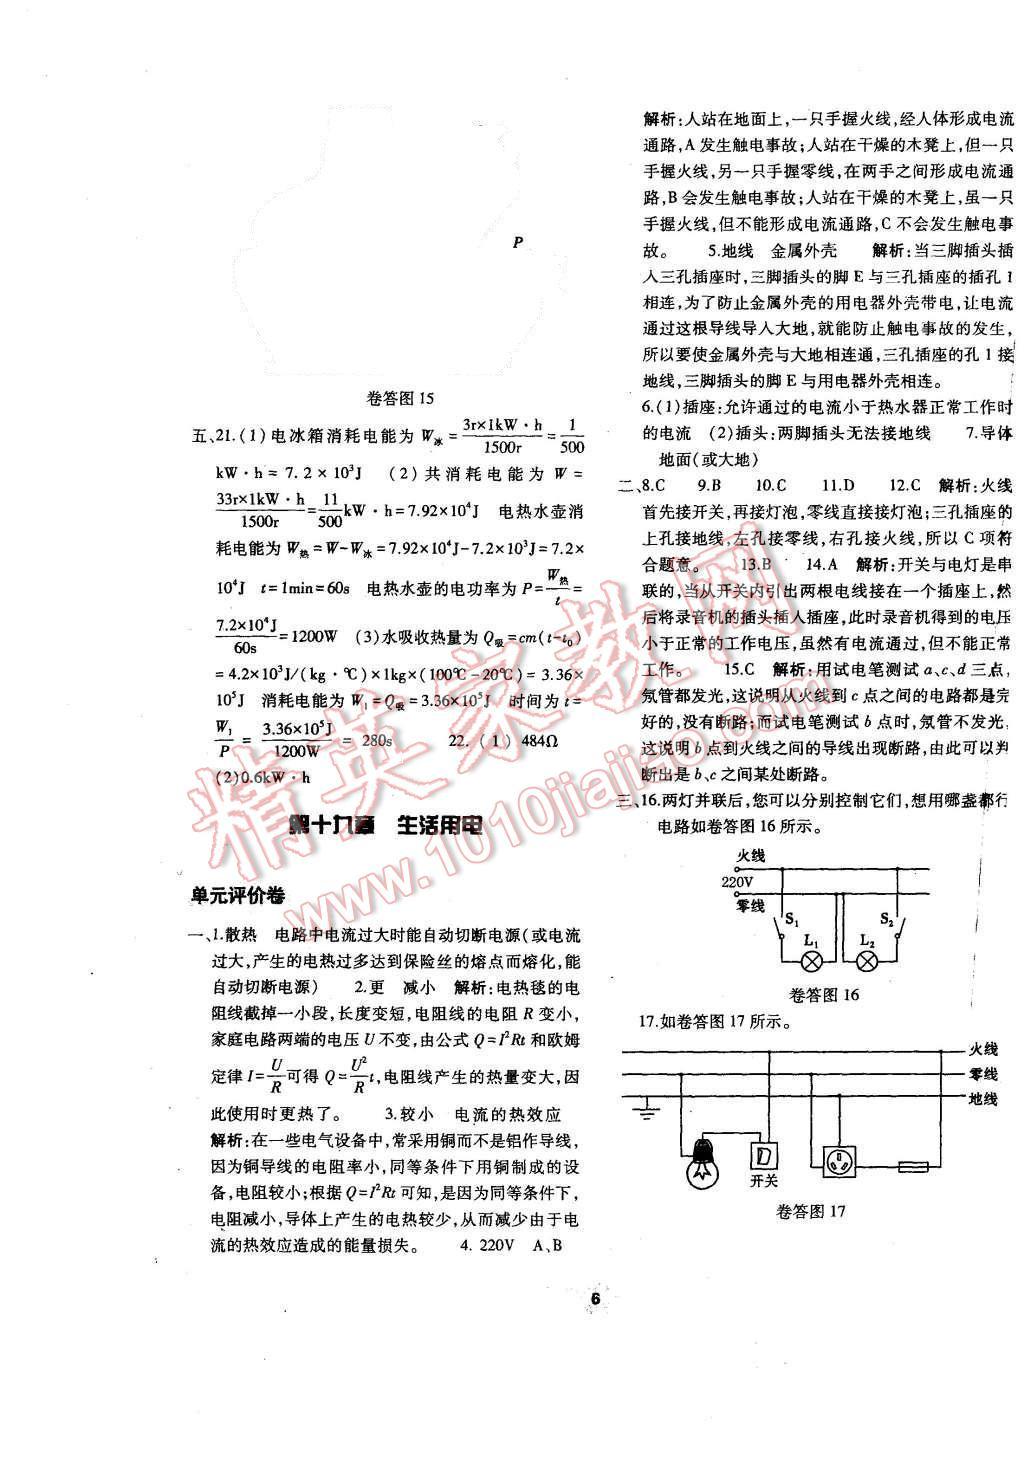 2015年基础训练九年级物理全一册人教版河南省内使用单元评价卷参考答案第6页